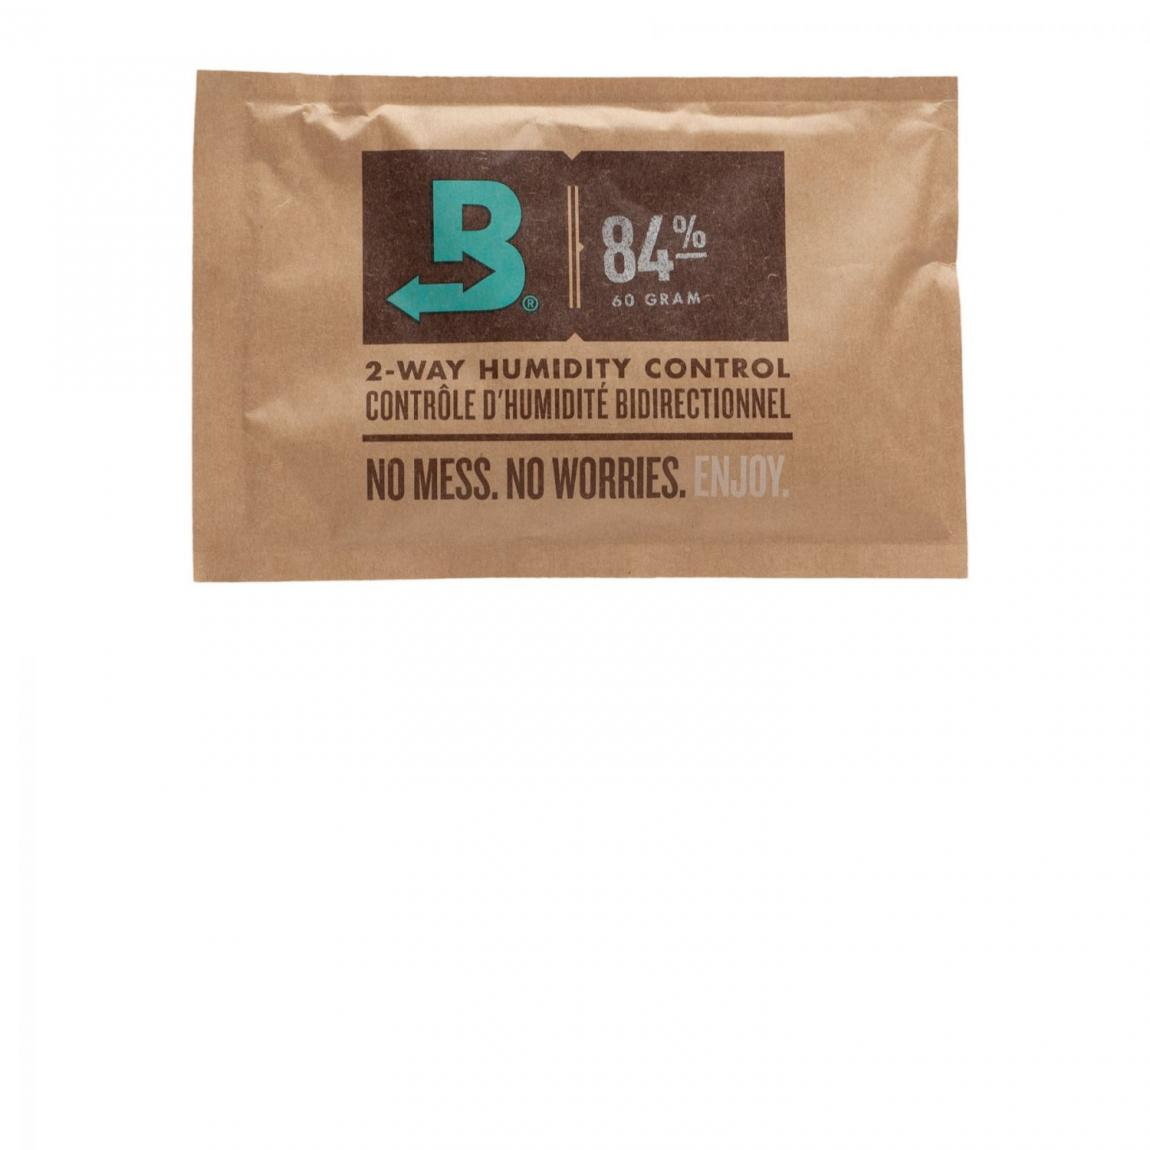 Bóveda Befeuchter, groß 84g, 84% Feuchtigkeit